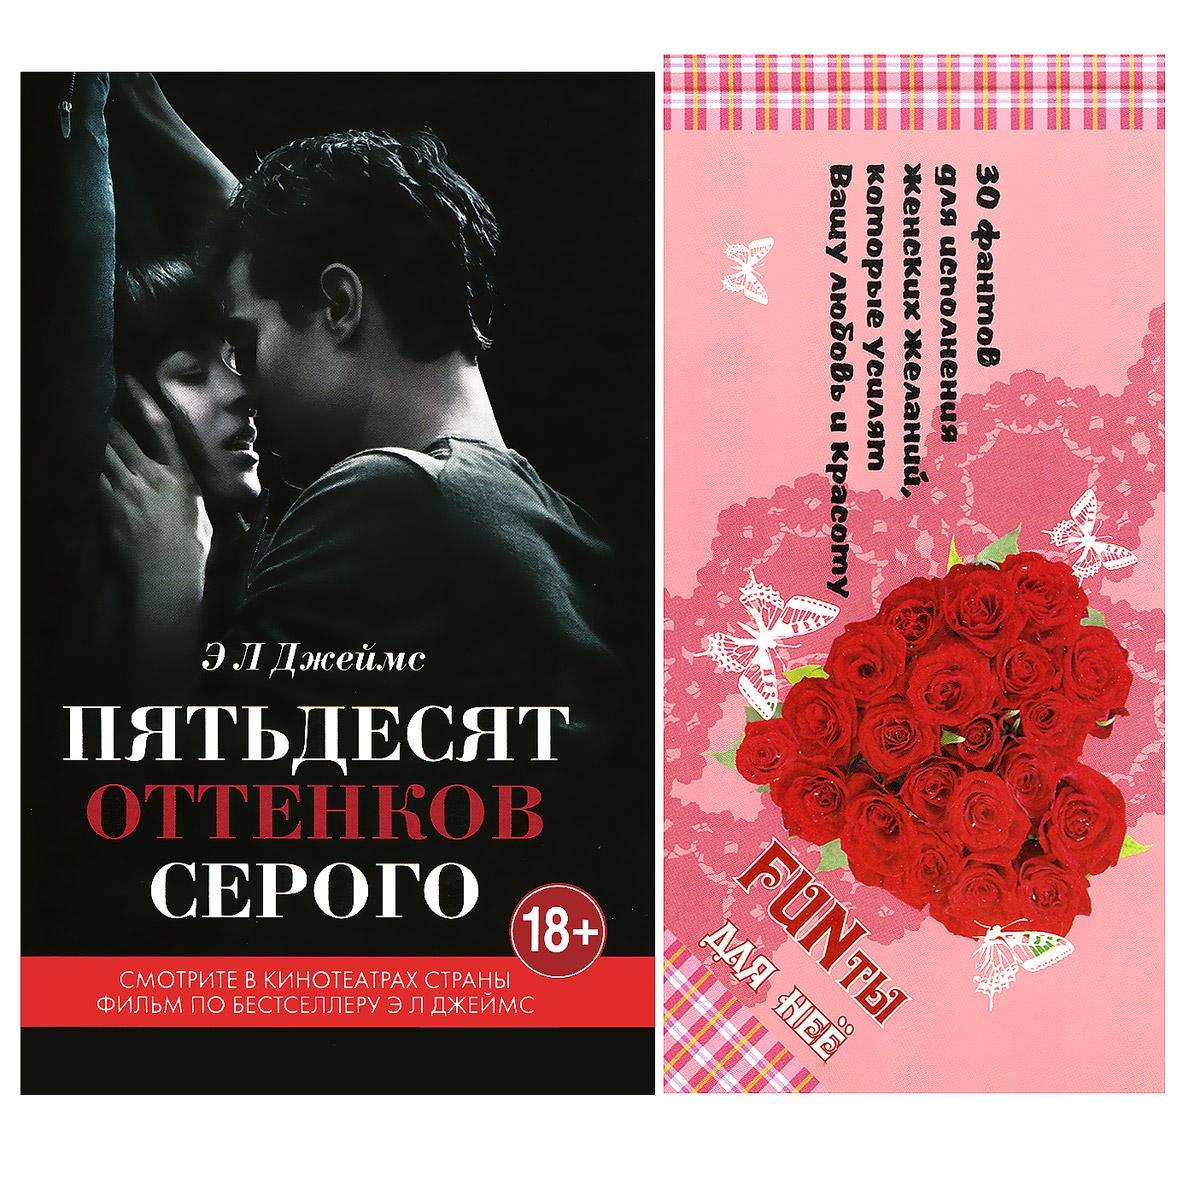 Э. Л. Джеймс, В. О. Шимановский, А. В. Кобрисов Пятьдесят оттенков серого + 30 фантов для исполнения женских желаний, которые усилят вашу любовь и красоту любимый я обещаю тебе уровень 2 чеки для исполнения желаний